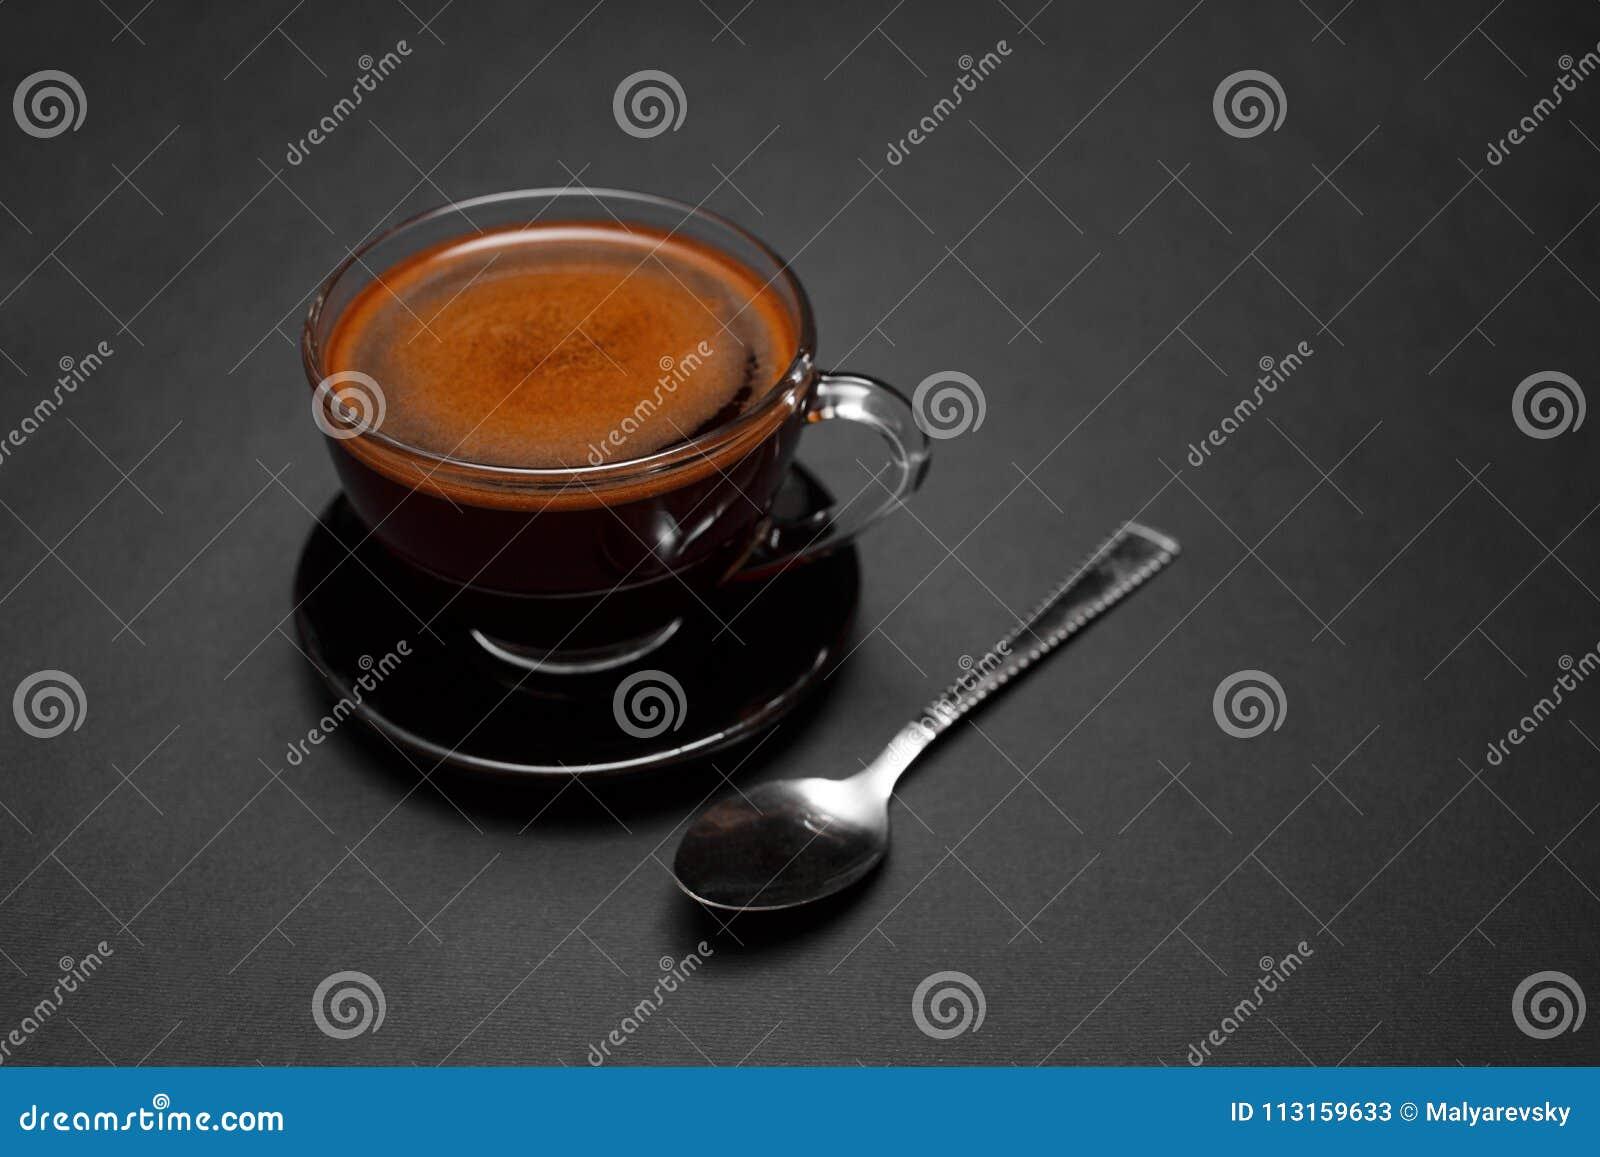 Svart naturligt doftande kaffe i den genomskinliga koppen på en svart bakgrund